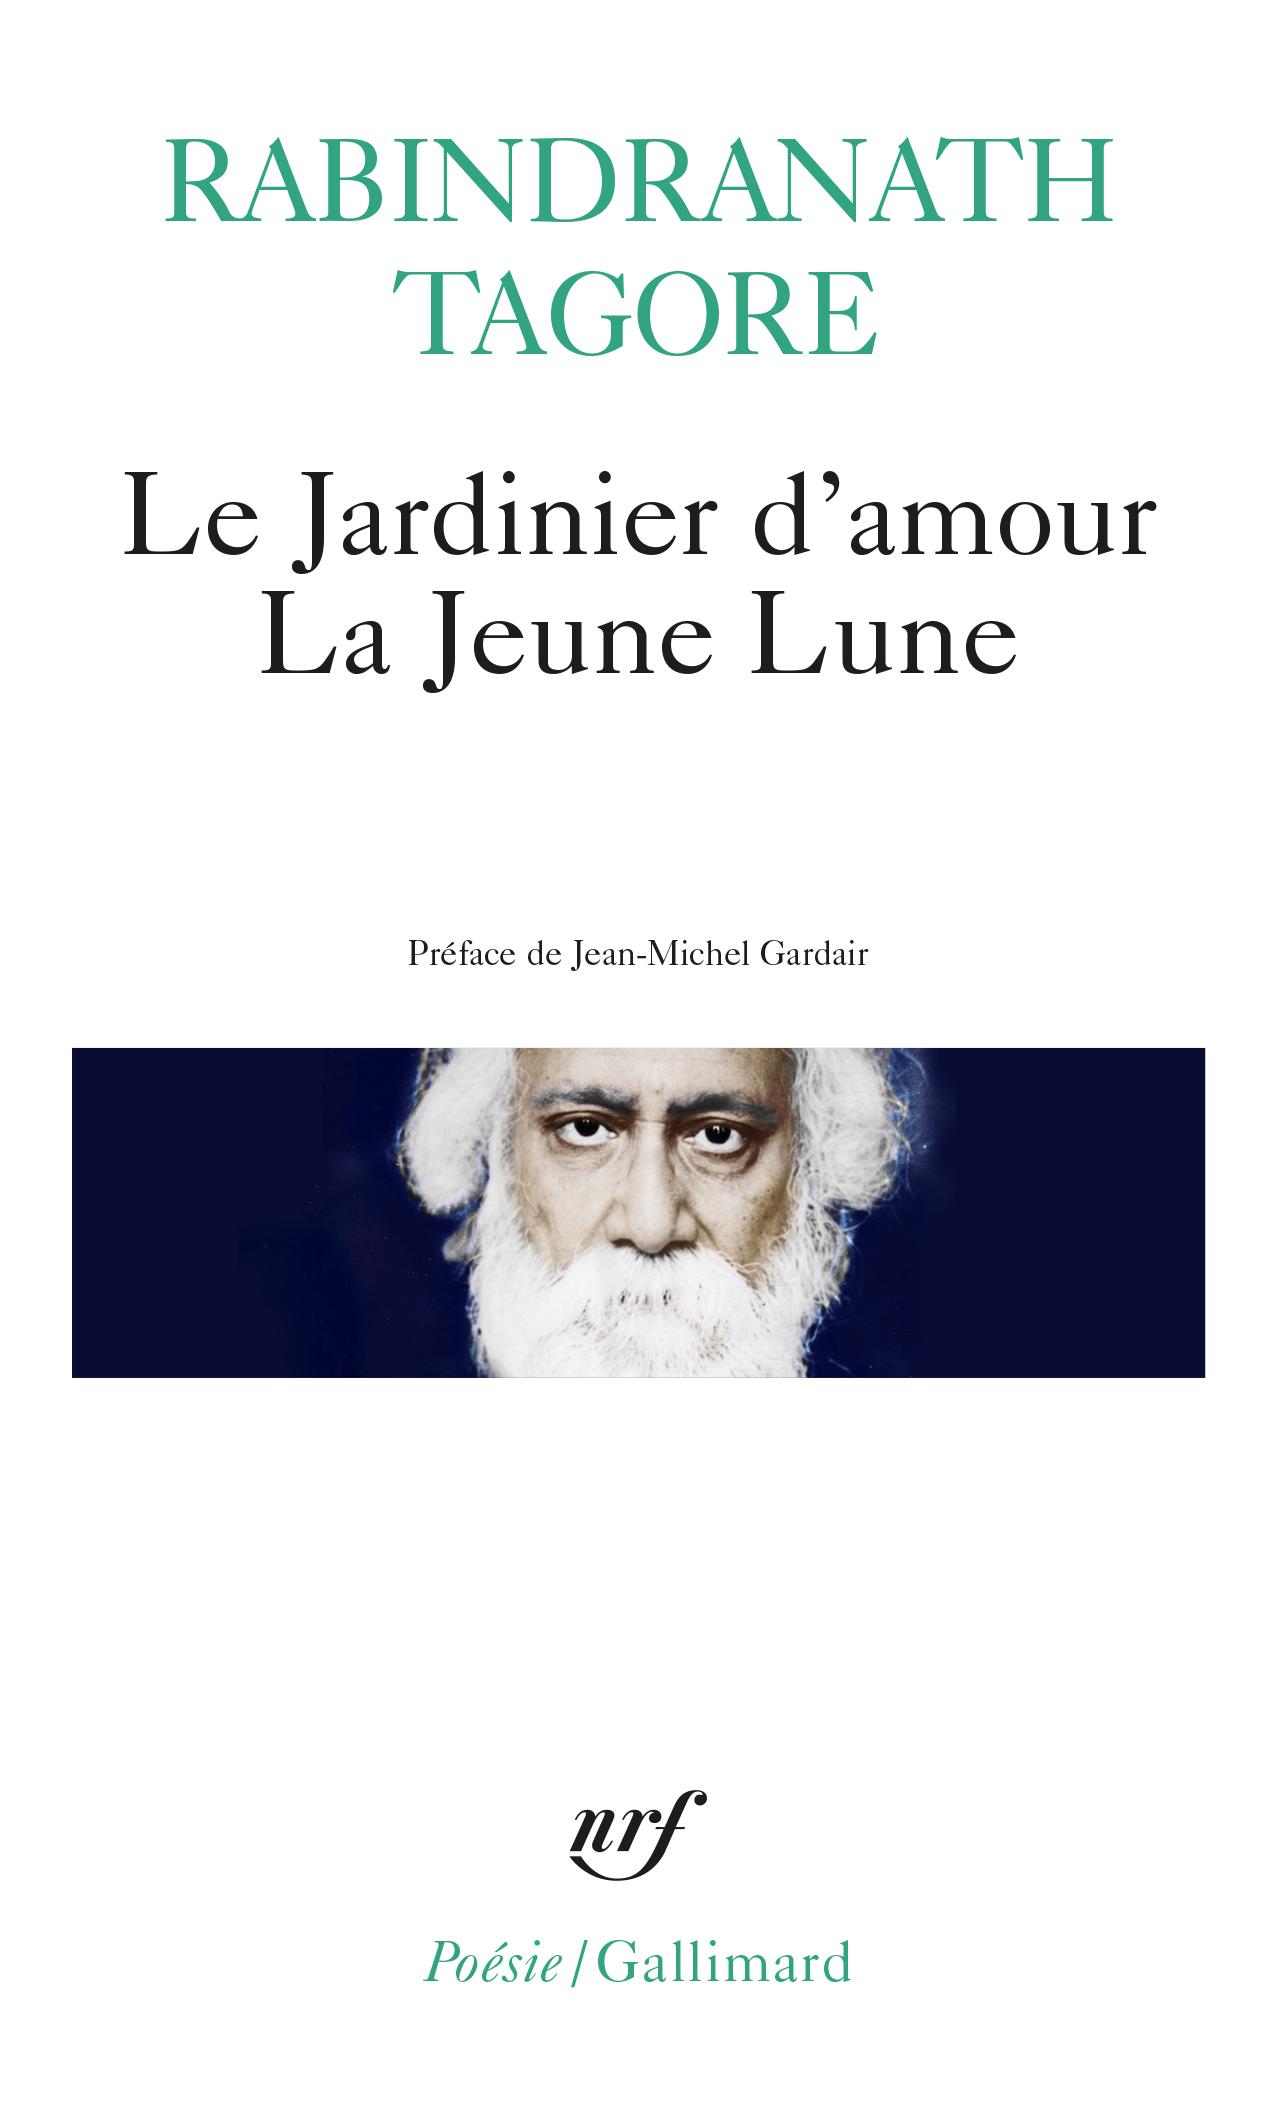 LE JARDINIER D'AMOUR / LA JEUNE LUNE